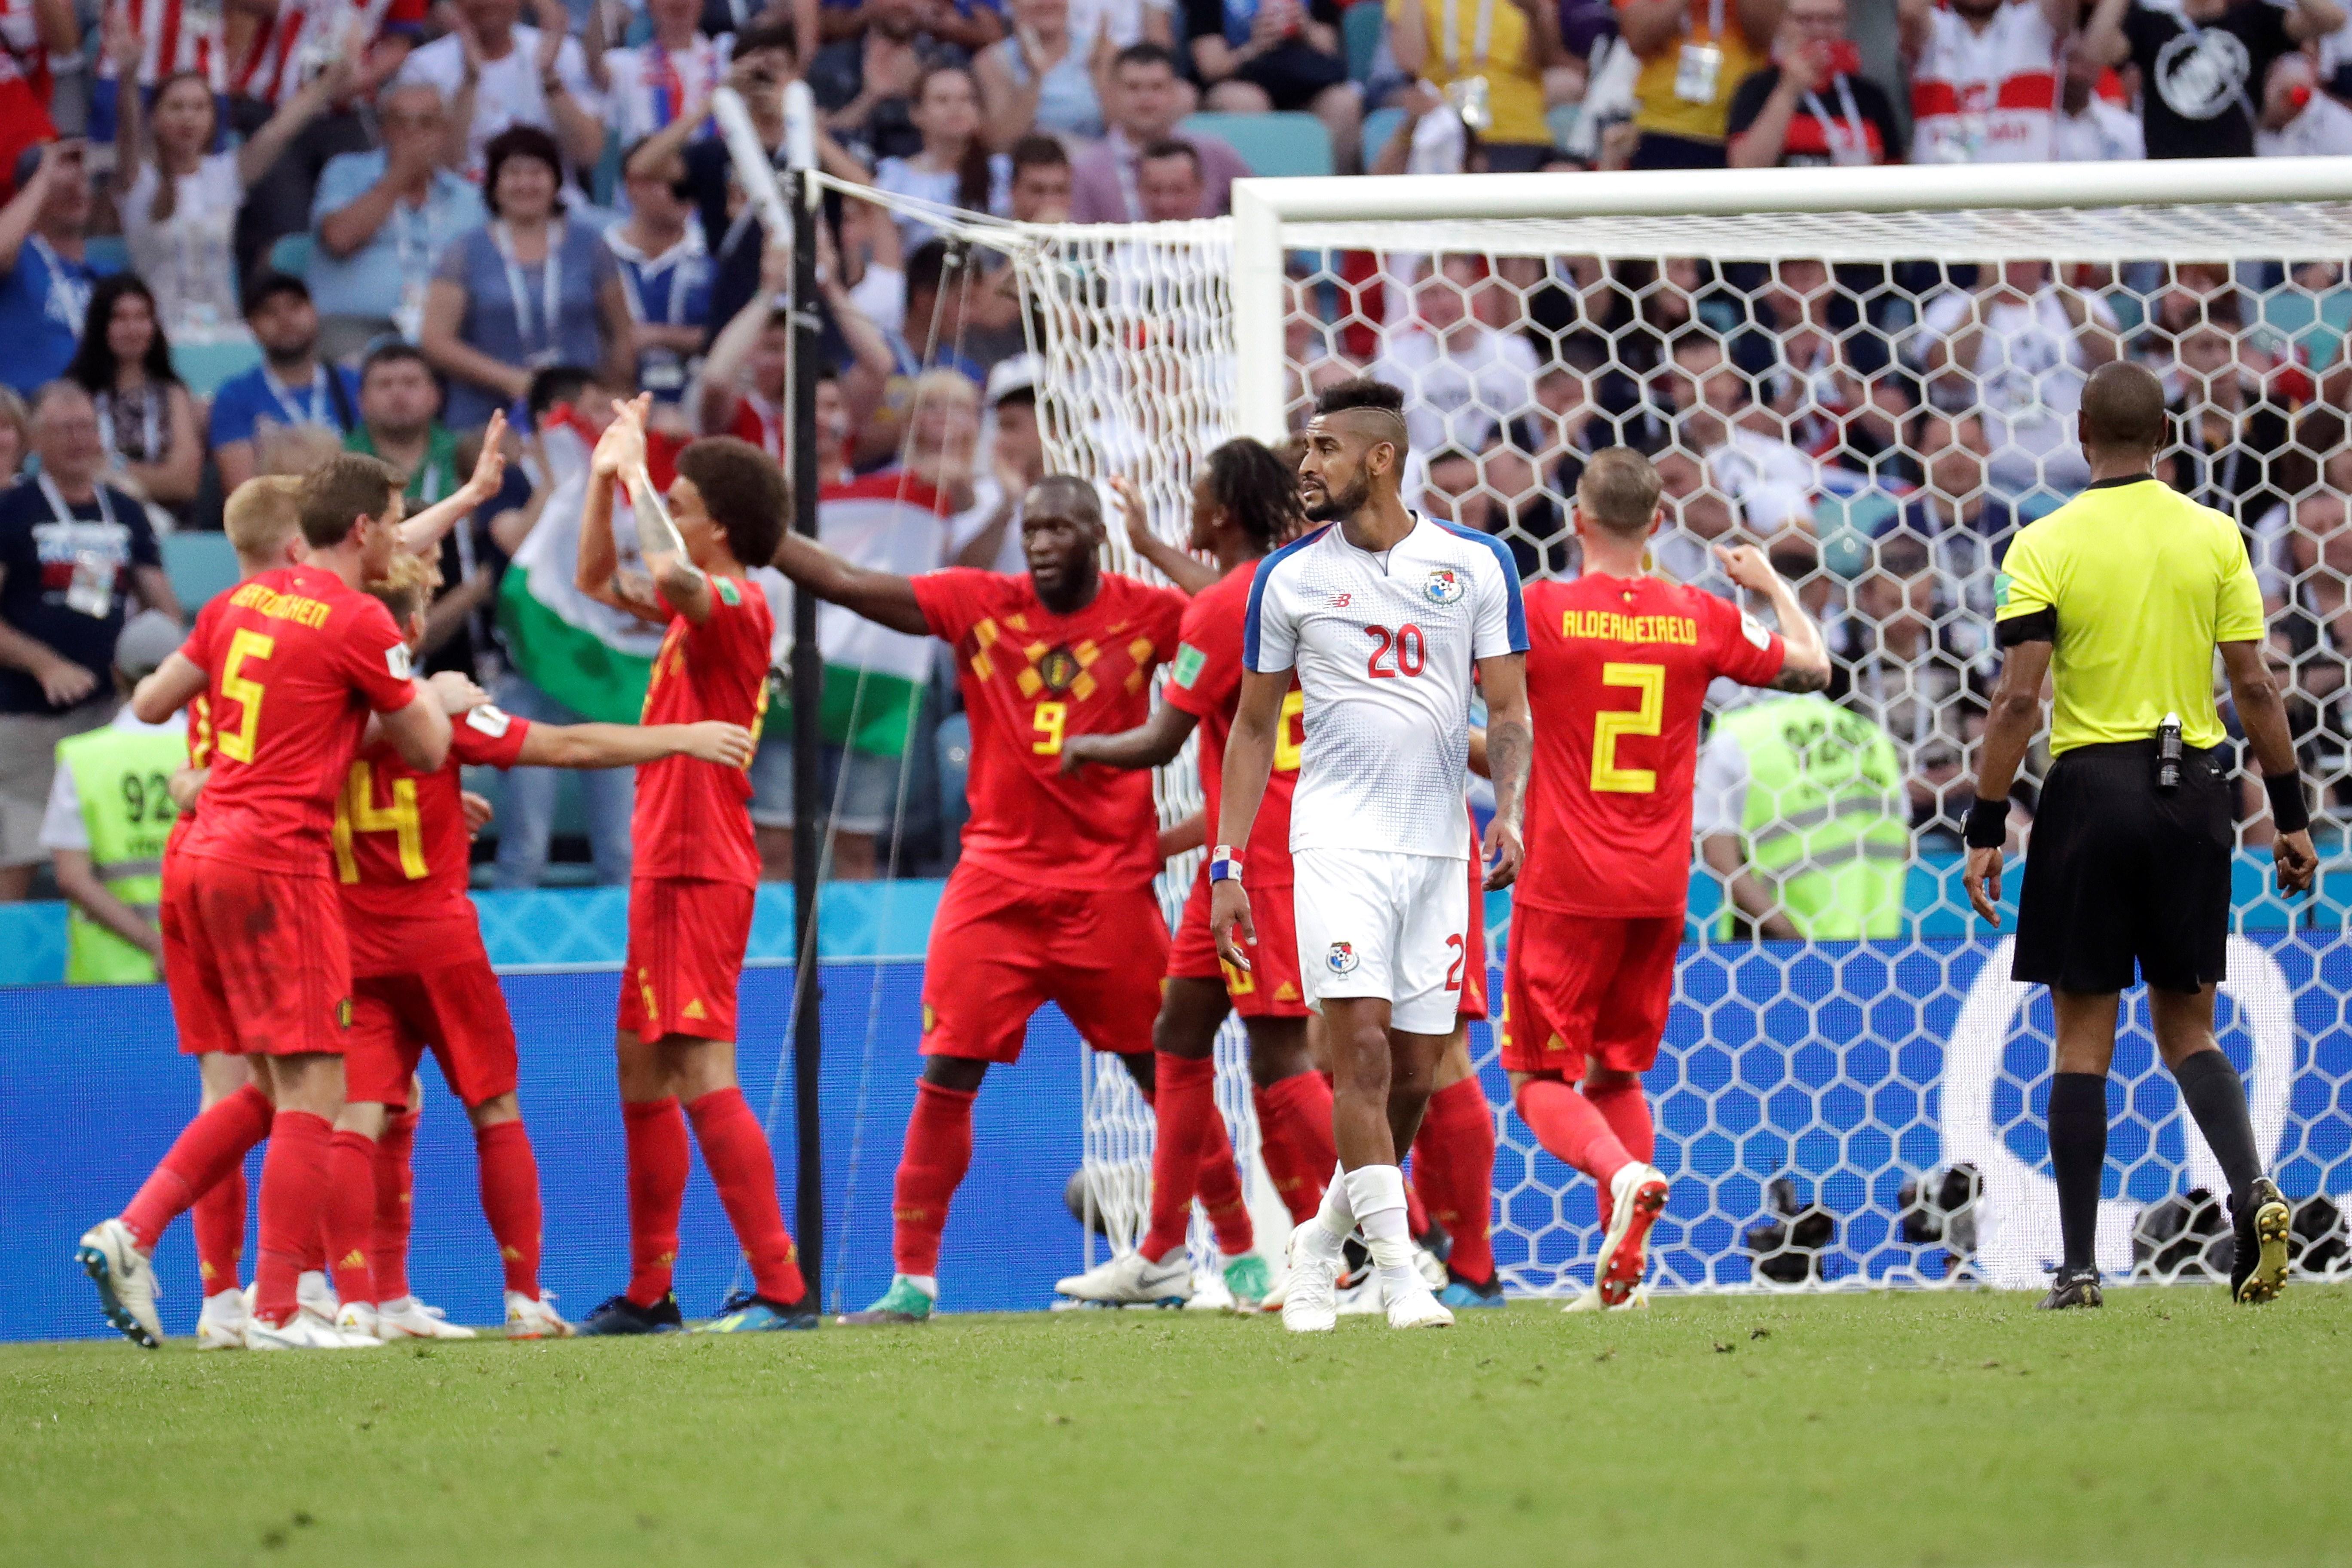 Panamá vs. Bélgica EN VIVO: horario, fecha y canal del partido por el Grupo G